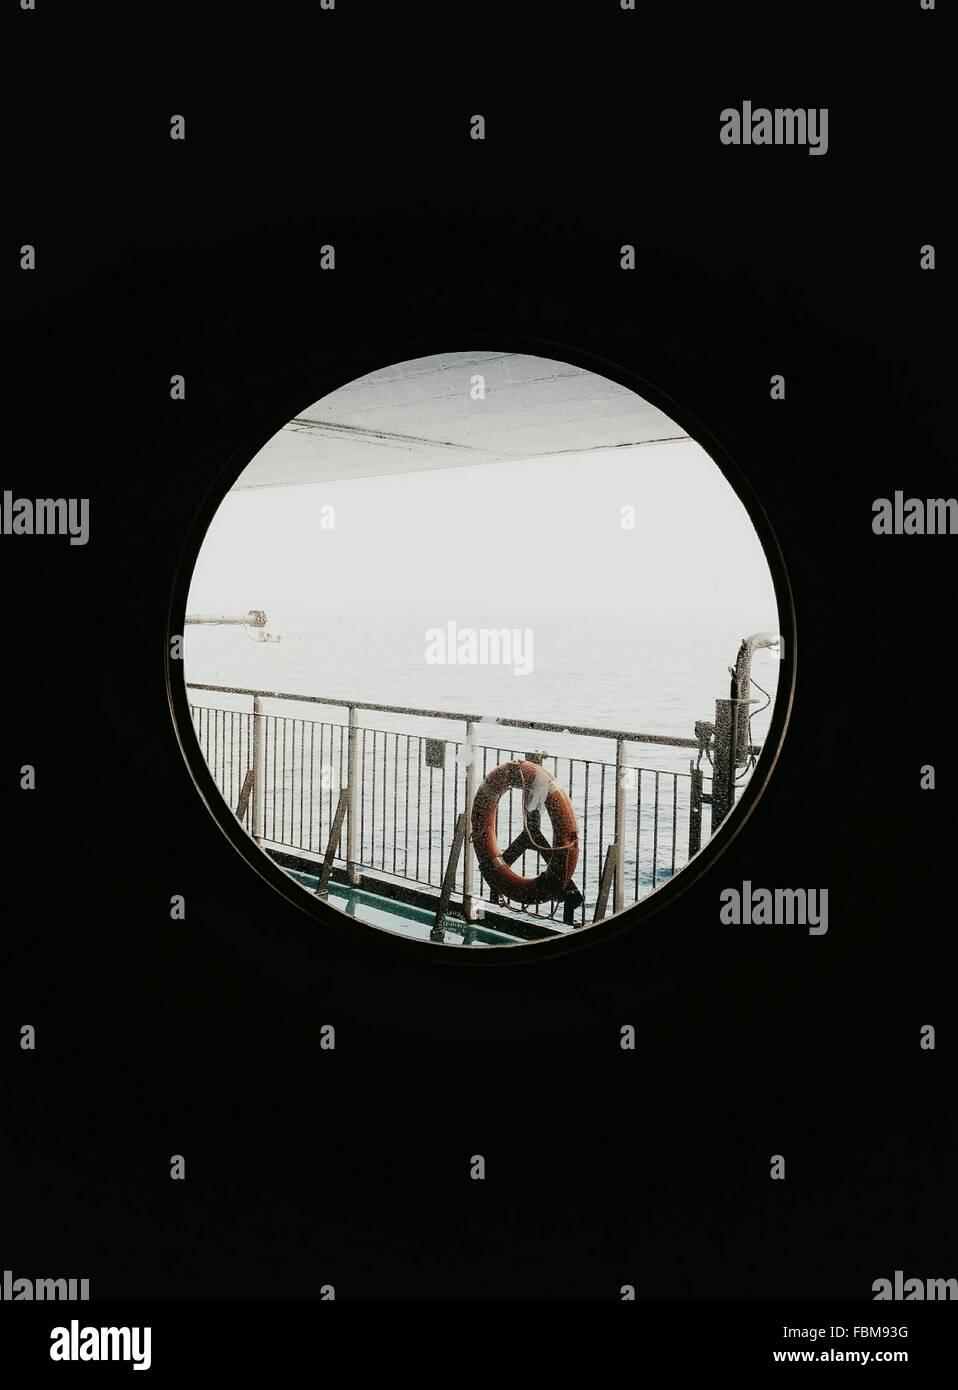 Vista del anillo de seguridad en la baranda aunque ventana redonda Imagen De Stock